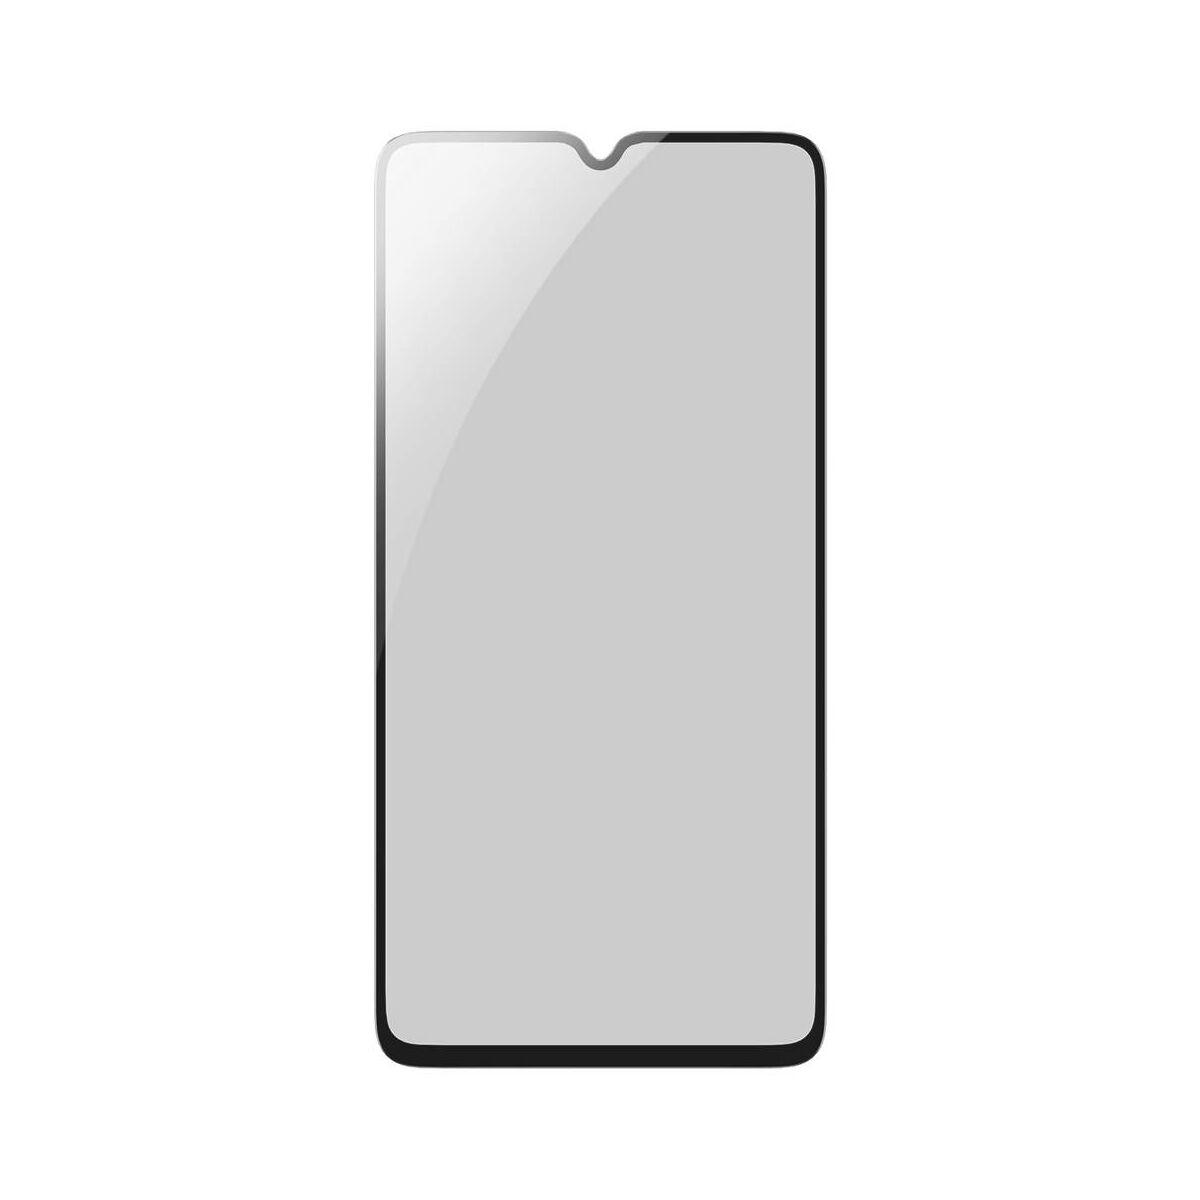 Baseus Huawei Mate 20 0.3 mm, anti-spy edzett üveg képernyővédő fólia, fekete (SGHWMATE20-TG01)